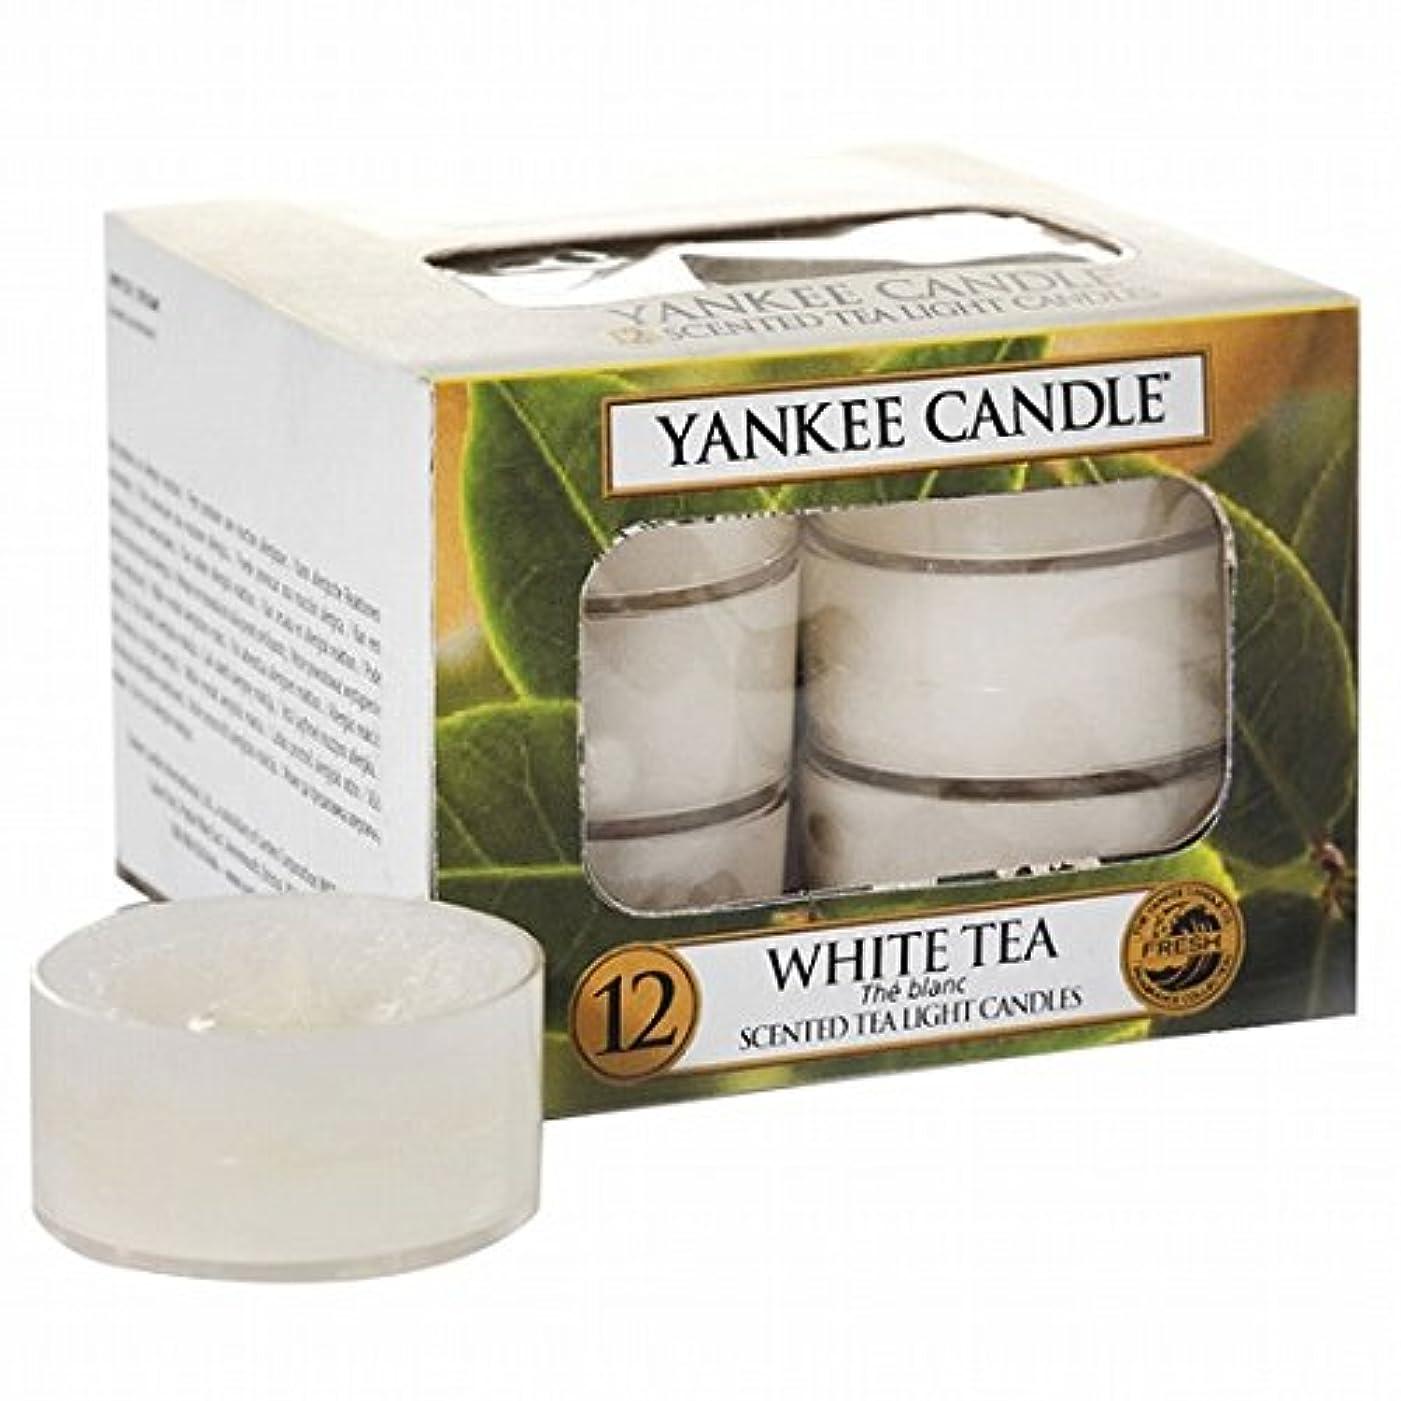 手つかずのソファー設計図ヤンキーキャンドル(YANKEE CANDLE) YANKEE CANDLE クリアカップティーライト12個入り 「ホワイトティー」